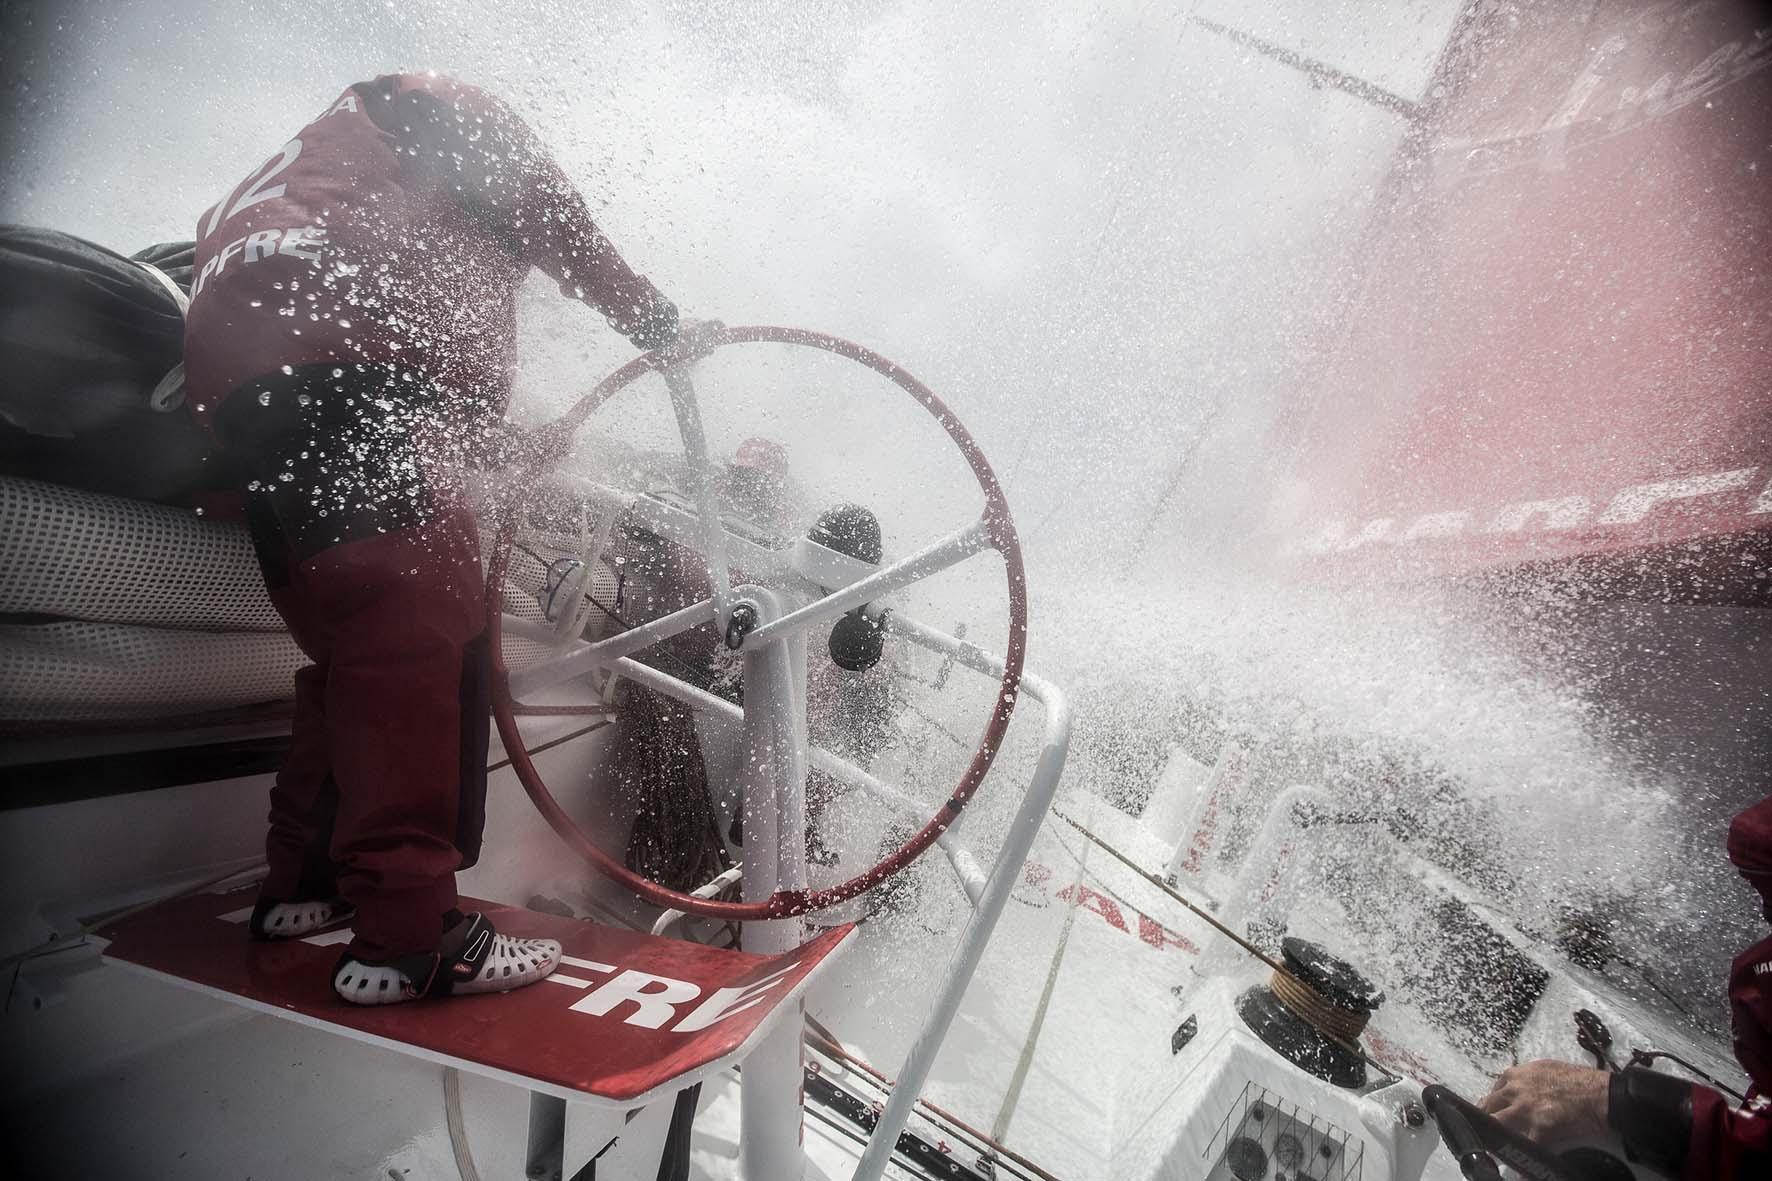 Las condiciones a bordo son francamente duras cuando el mar se complica.